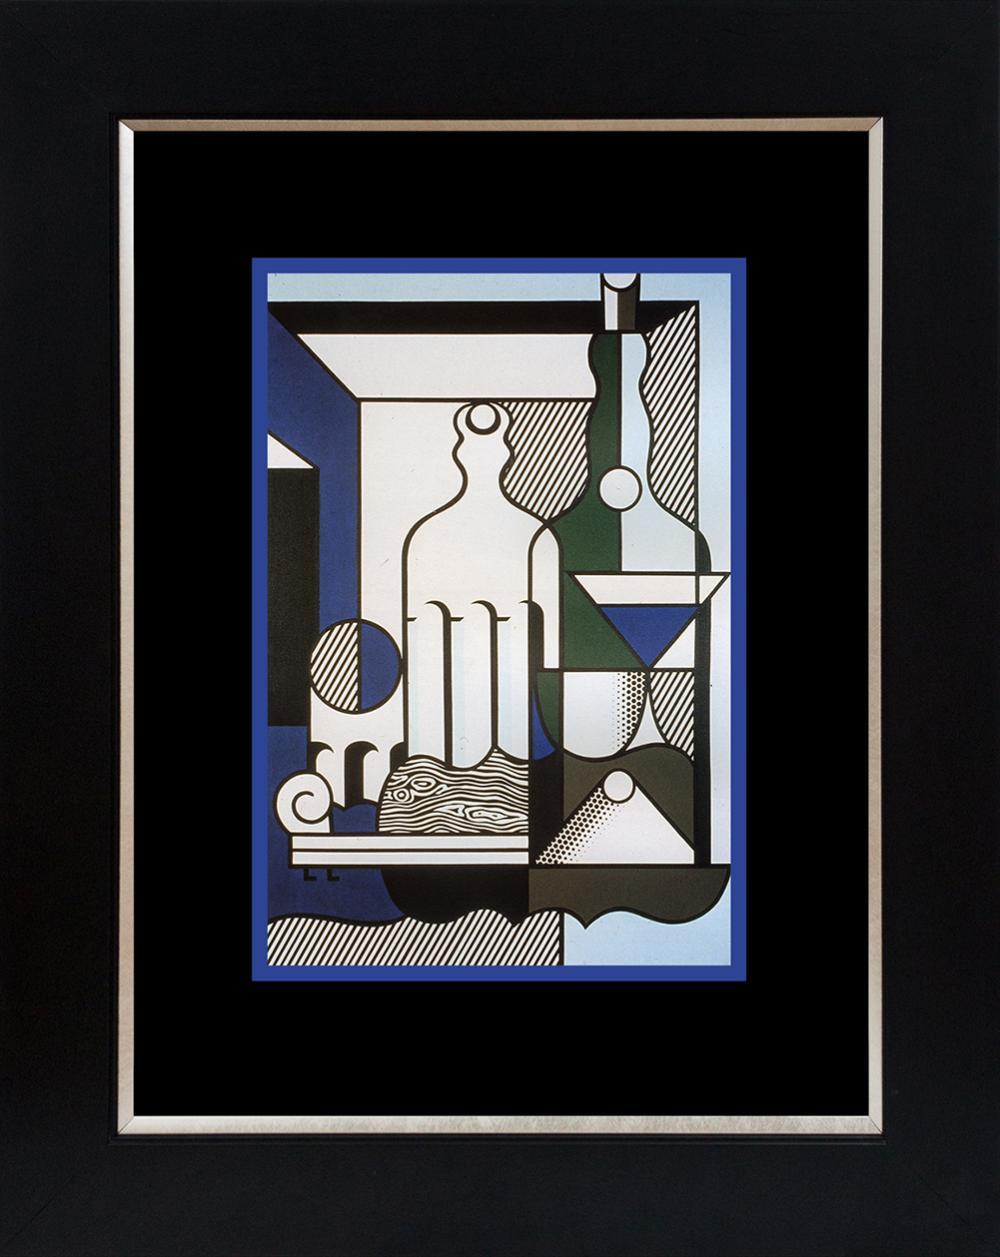 Roy Lichtenstein Lithograph from 1982